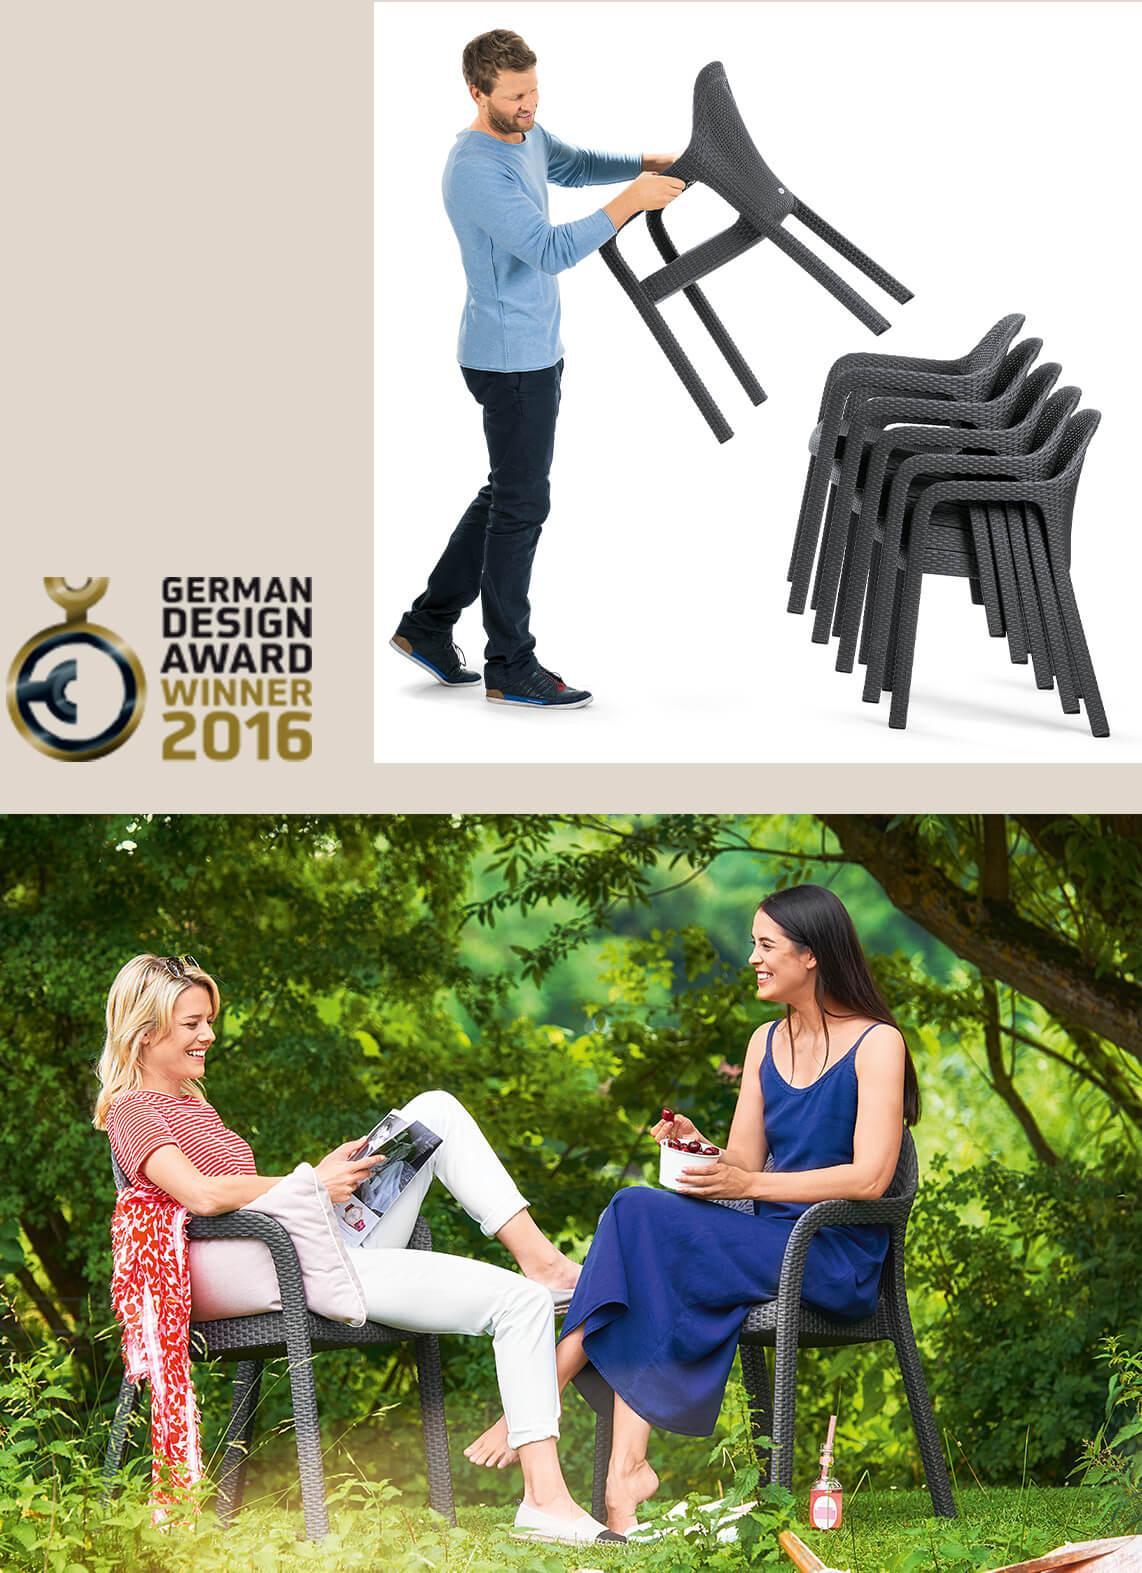 'Ο νεαρός άνδρας στοιβάζει εύκολα τις καρέκλες